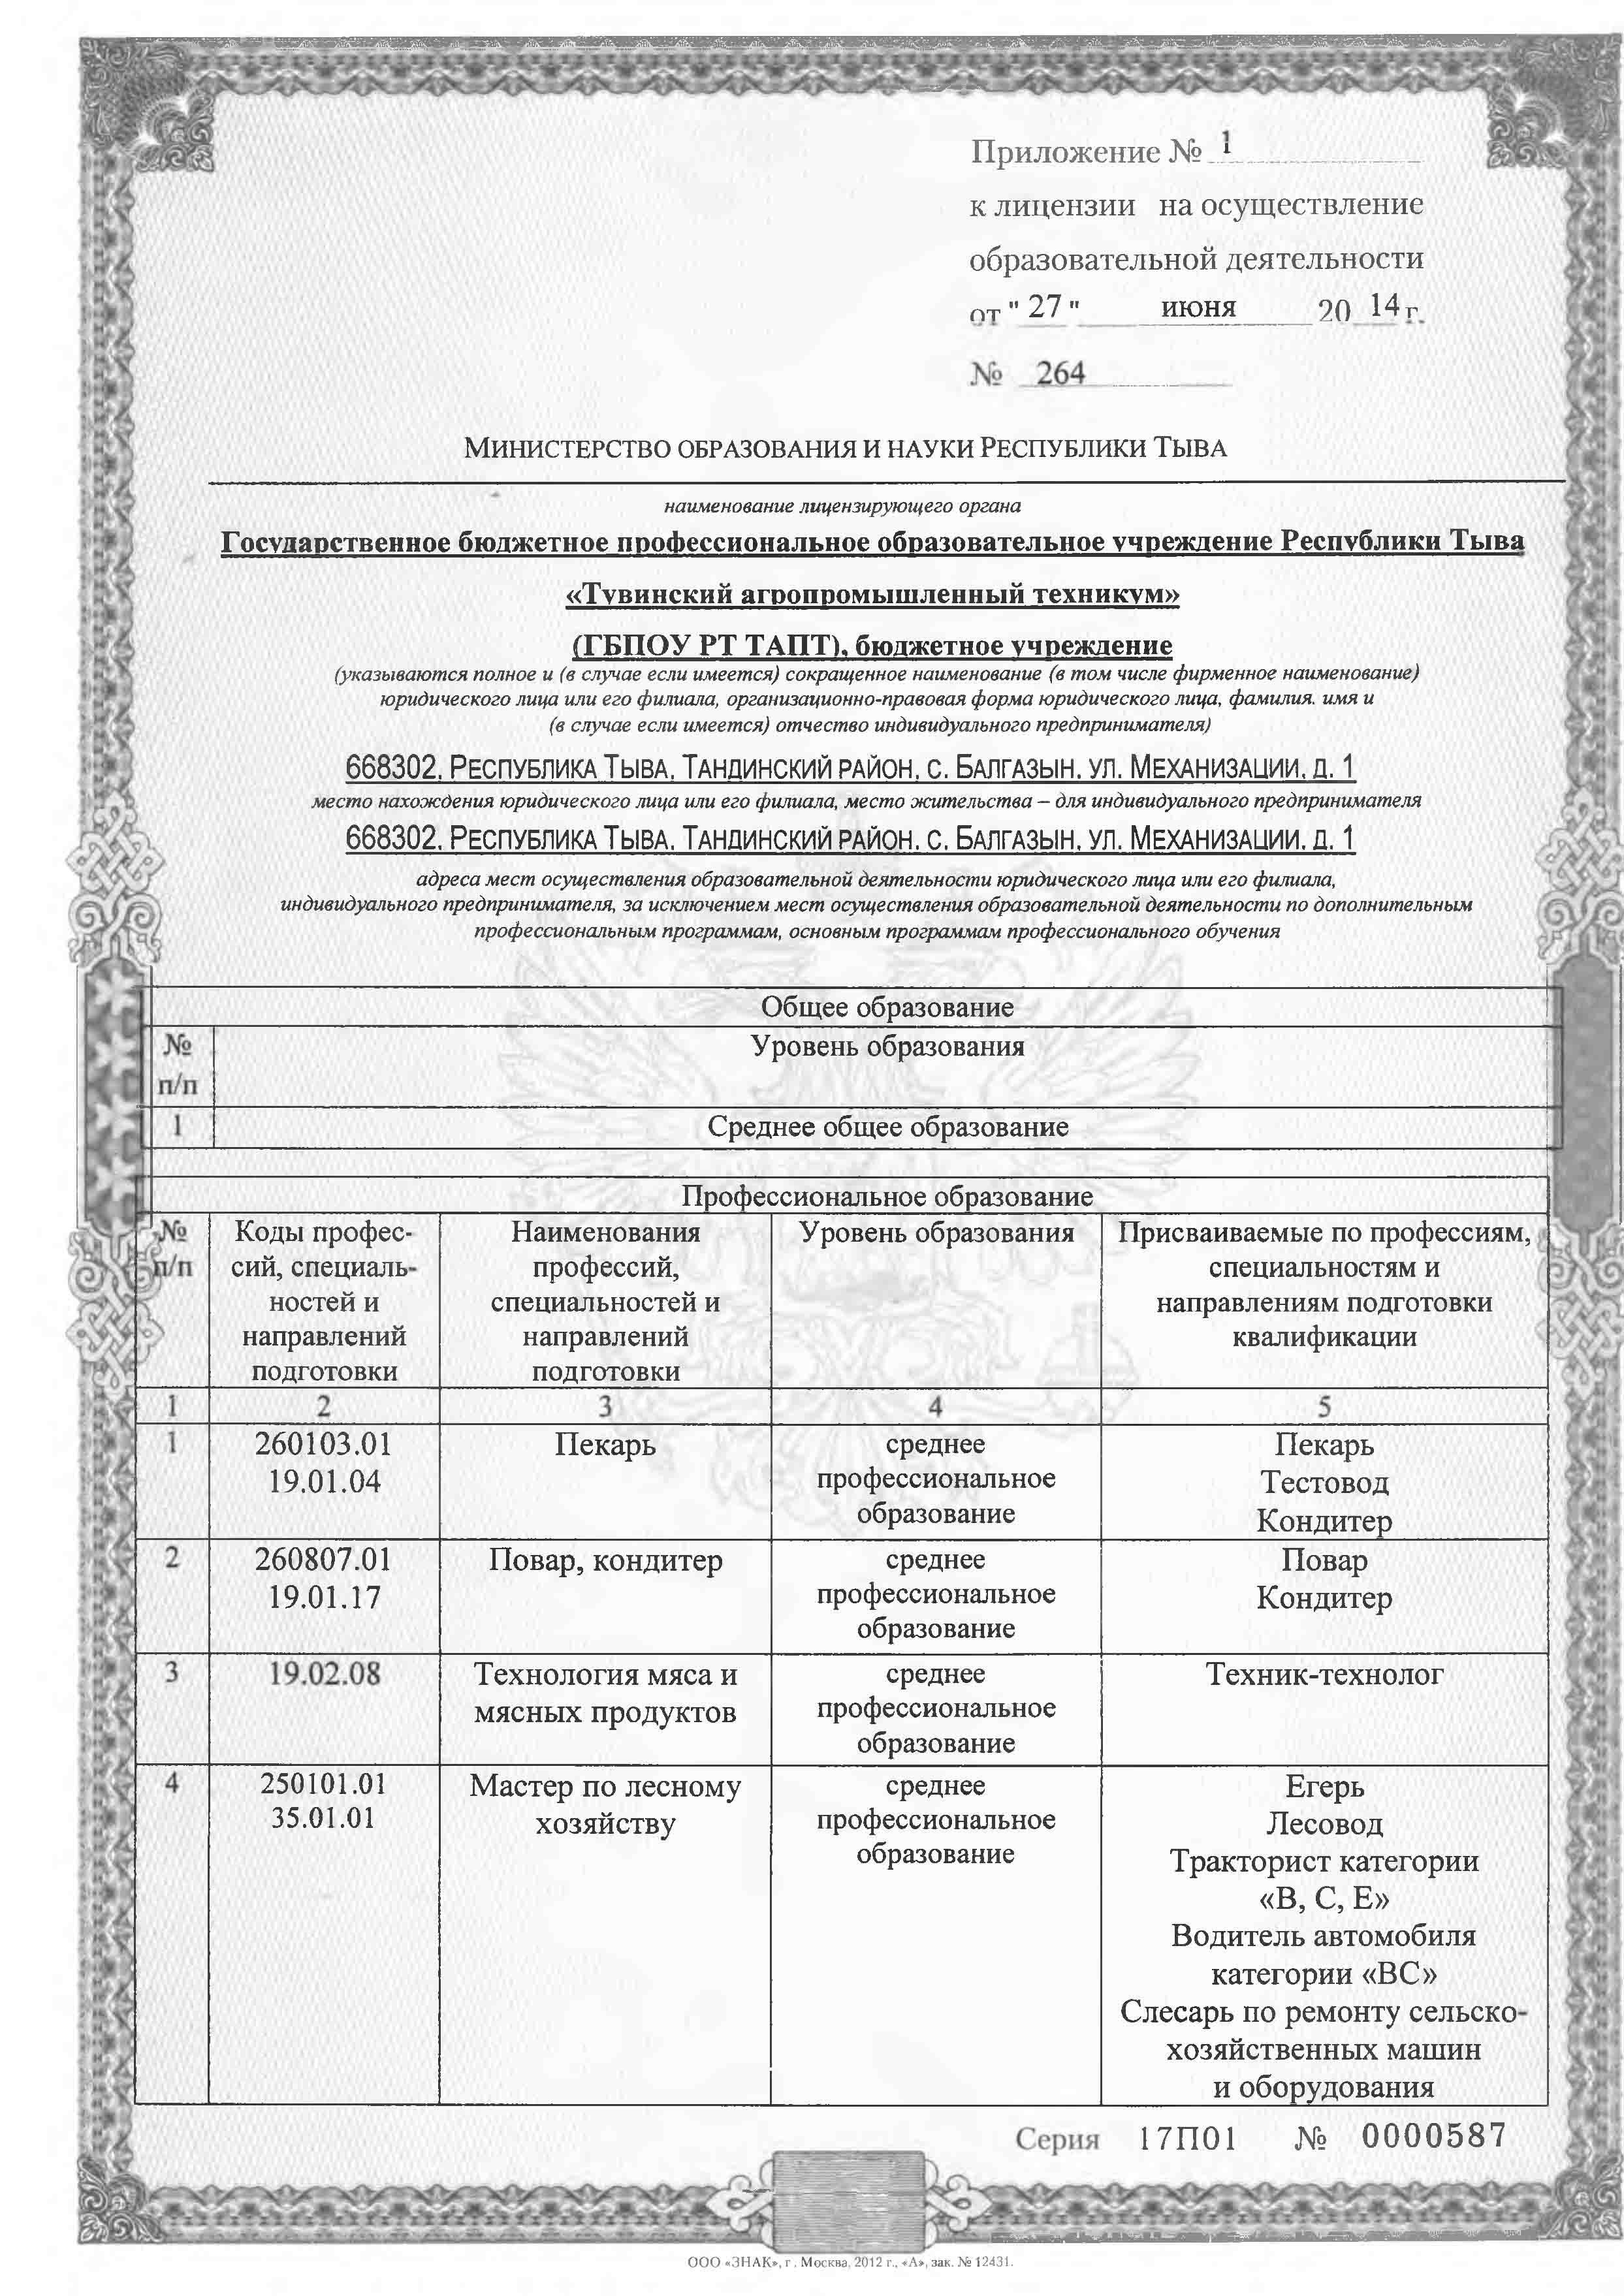 Лицензия 20143